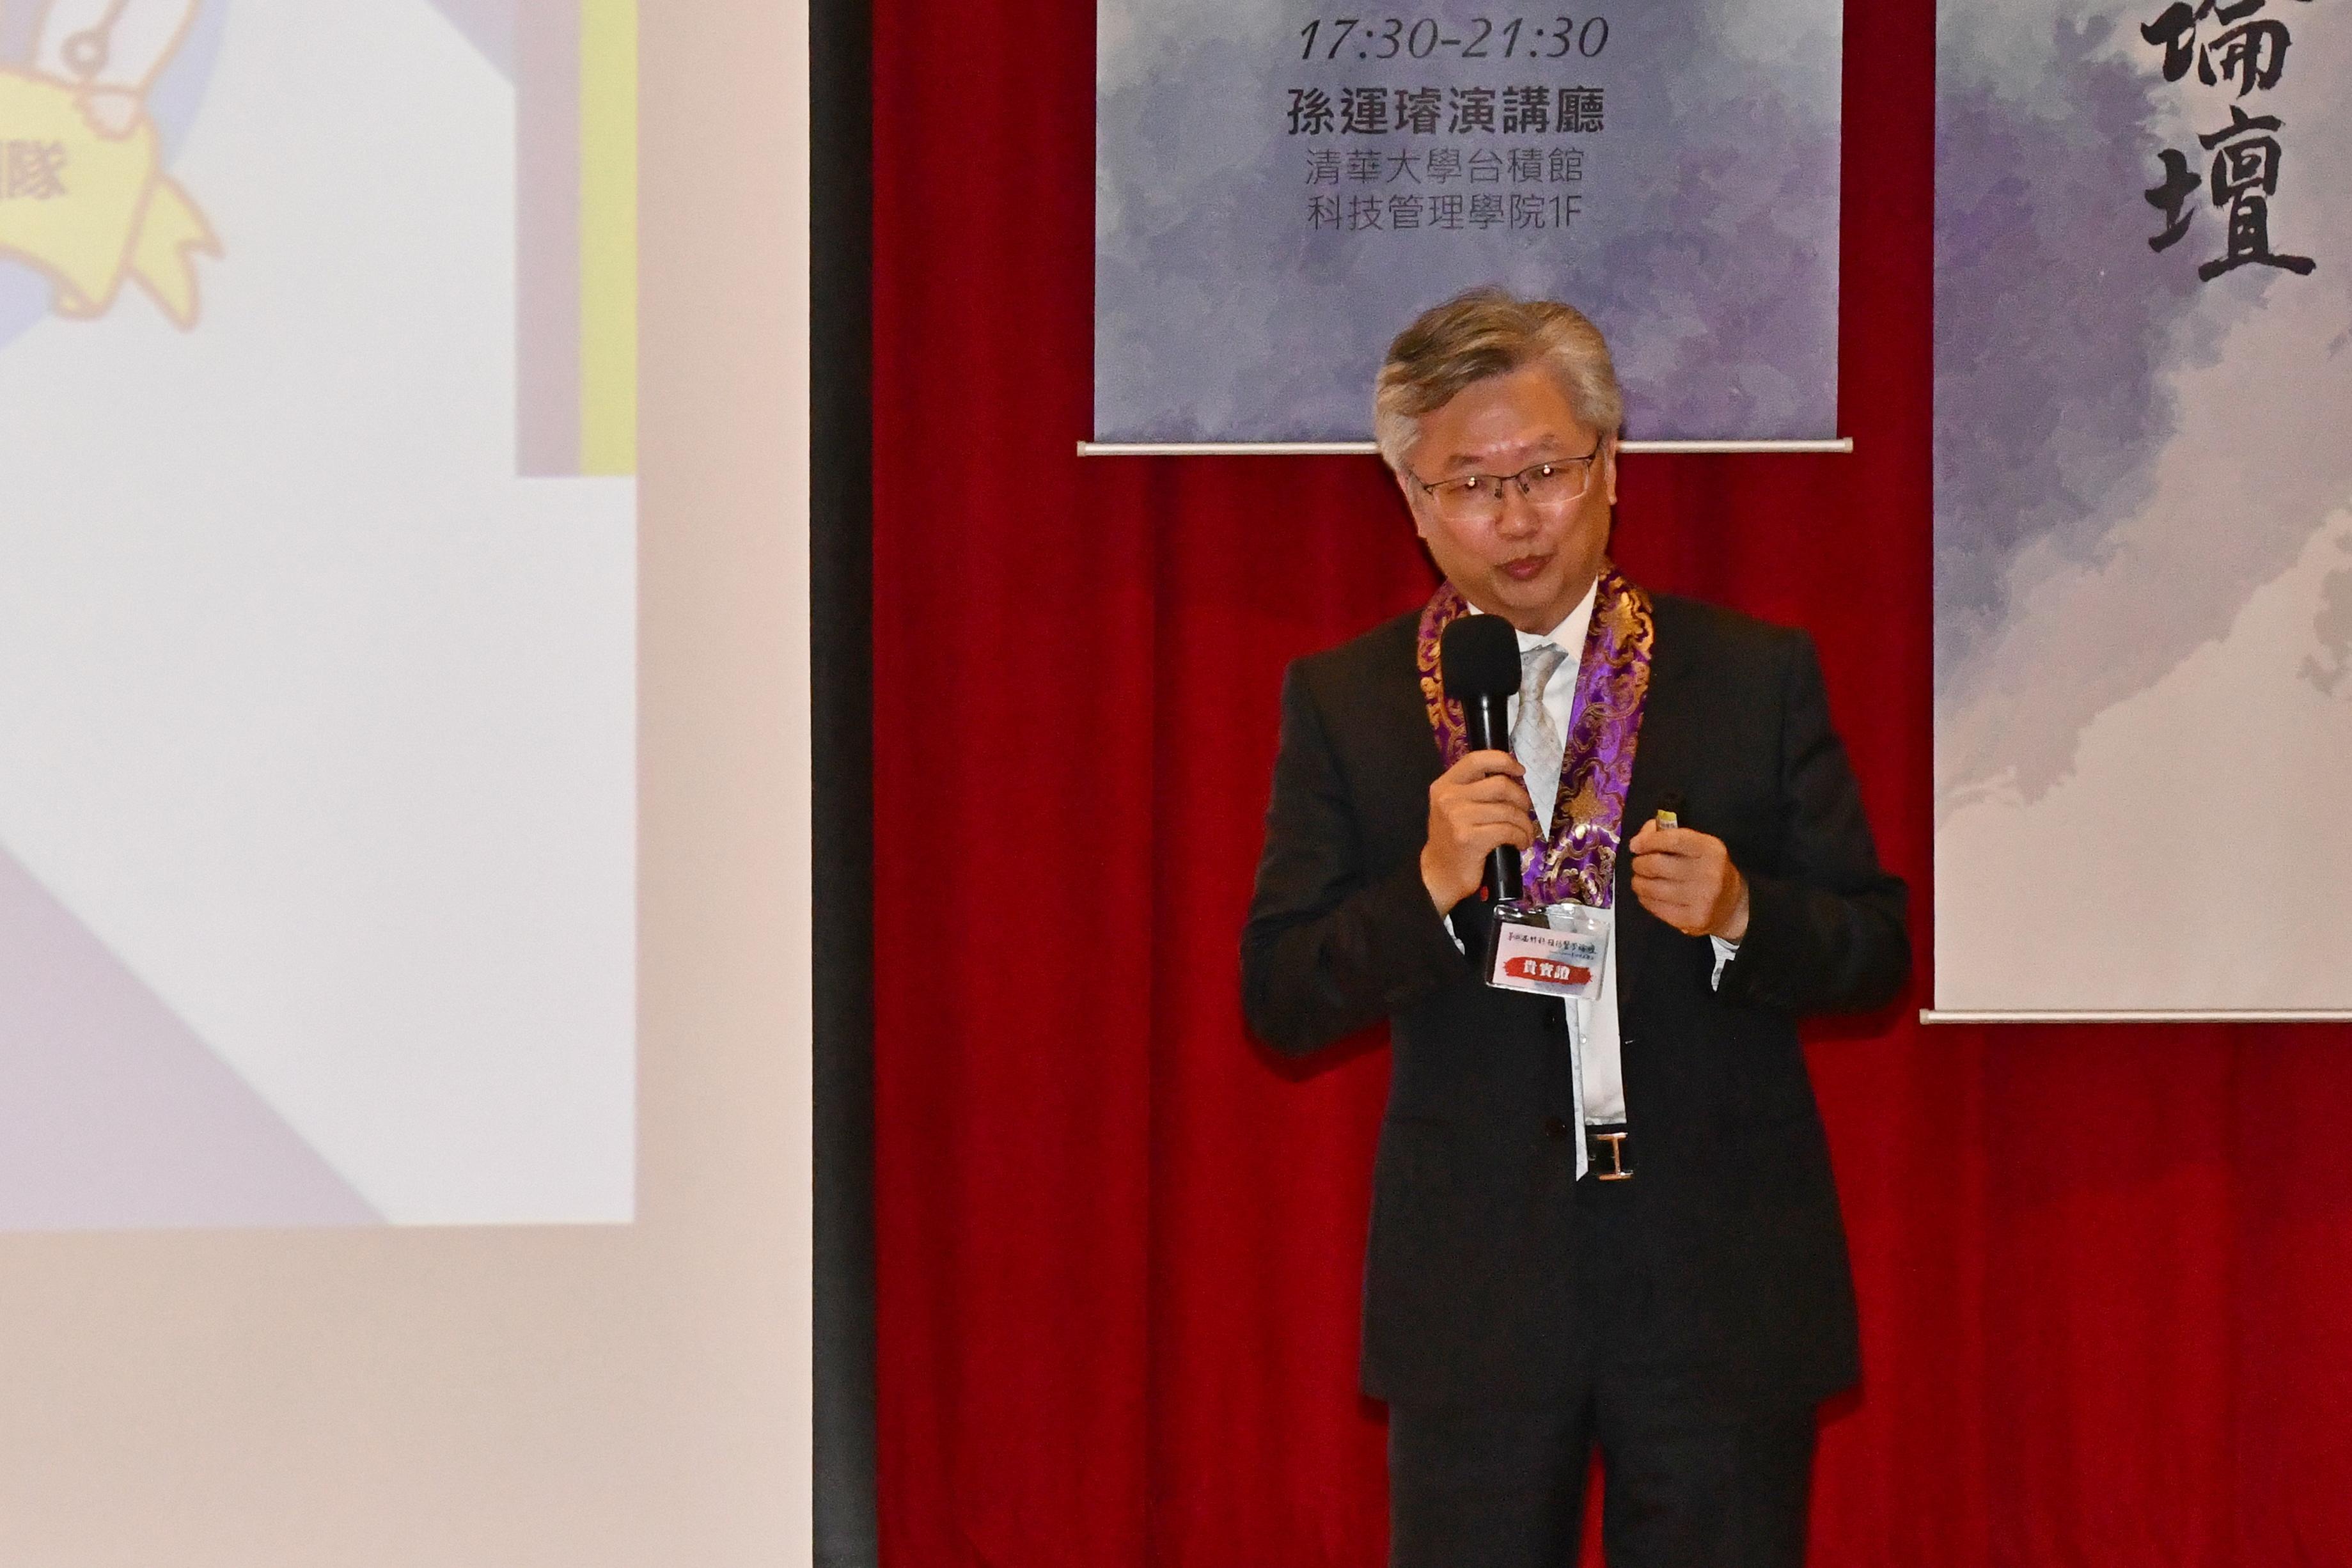 奇美醫院副院長鄭天浚演講。(賴月貴/大紀元)